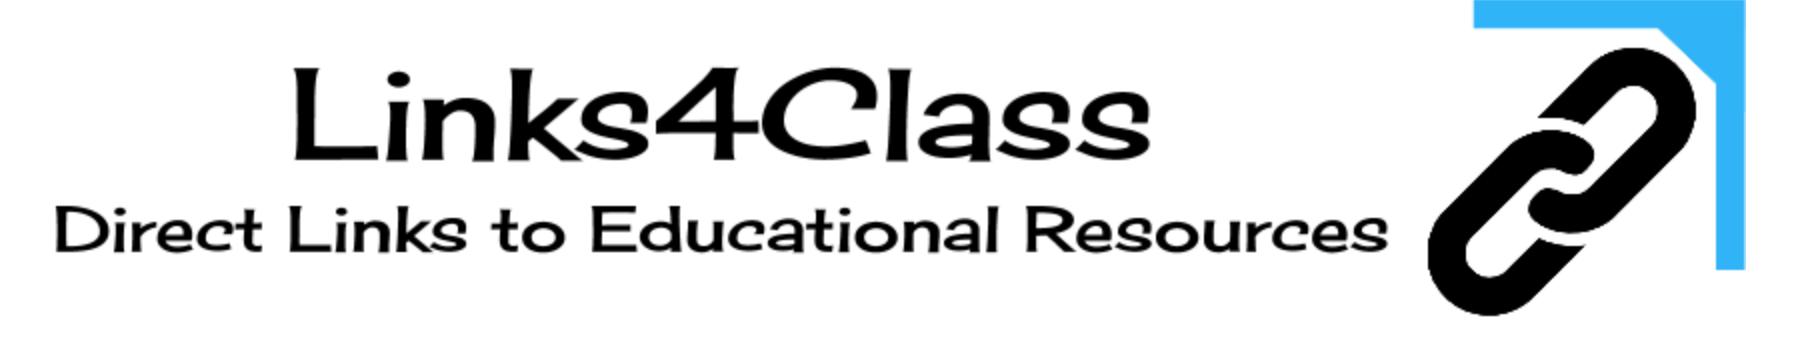 Links4Class